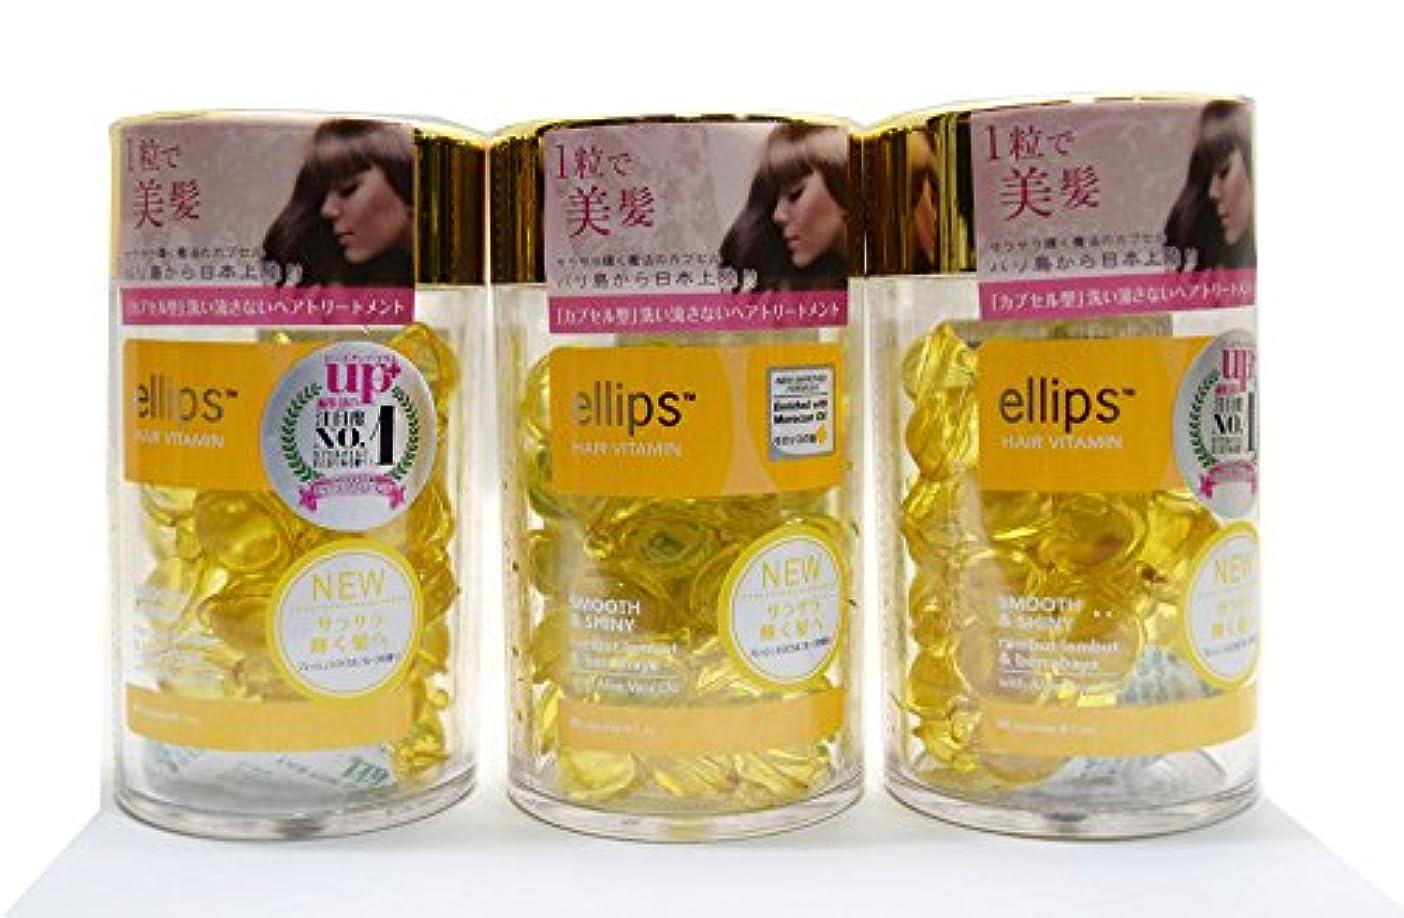 重要すずめ豆ellips エリップス ヘアビタミン 50粒入 人気の3カラー 3本セット 正規品 日本語成分表記 (Yellow イエロー)